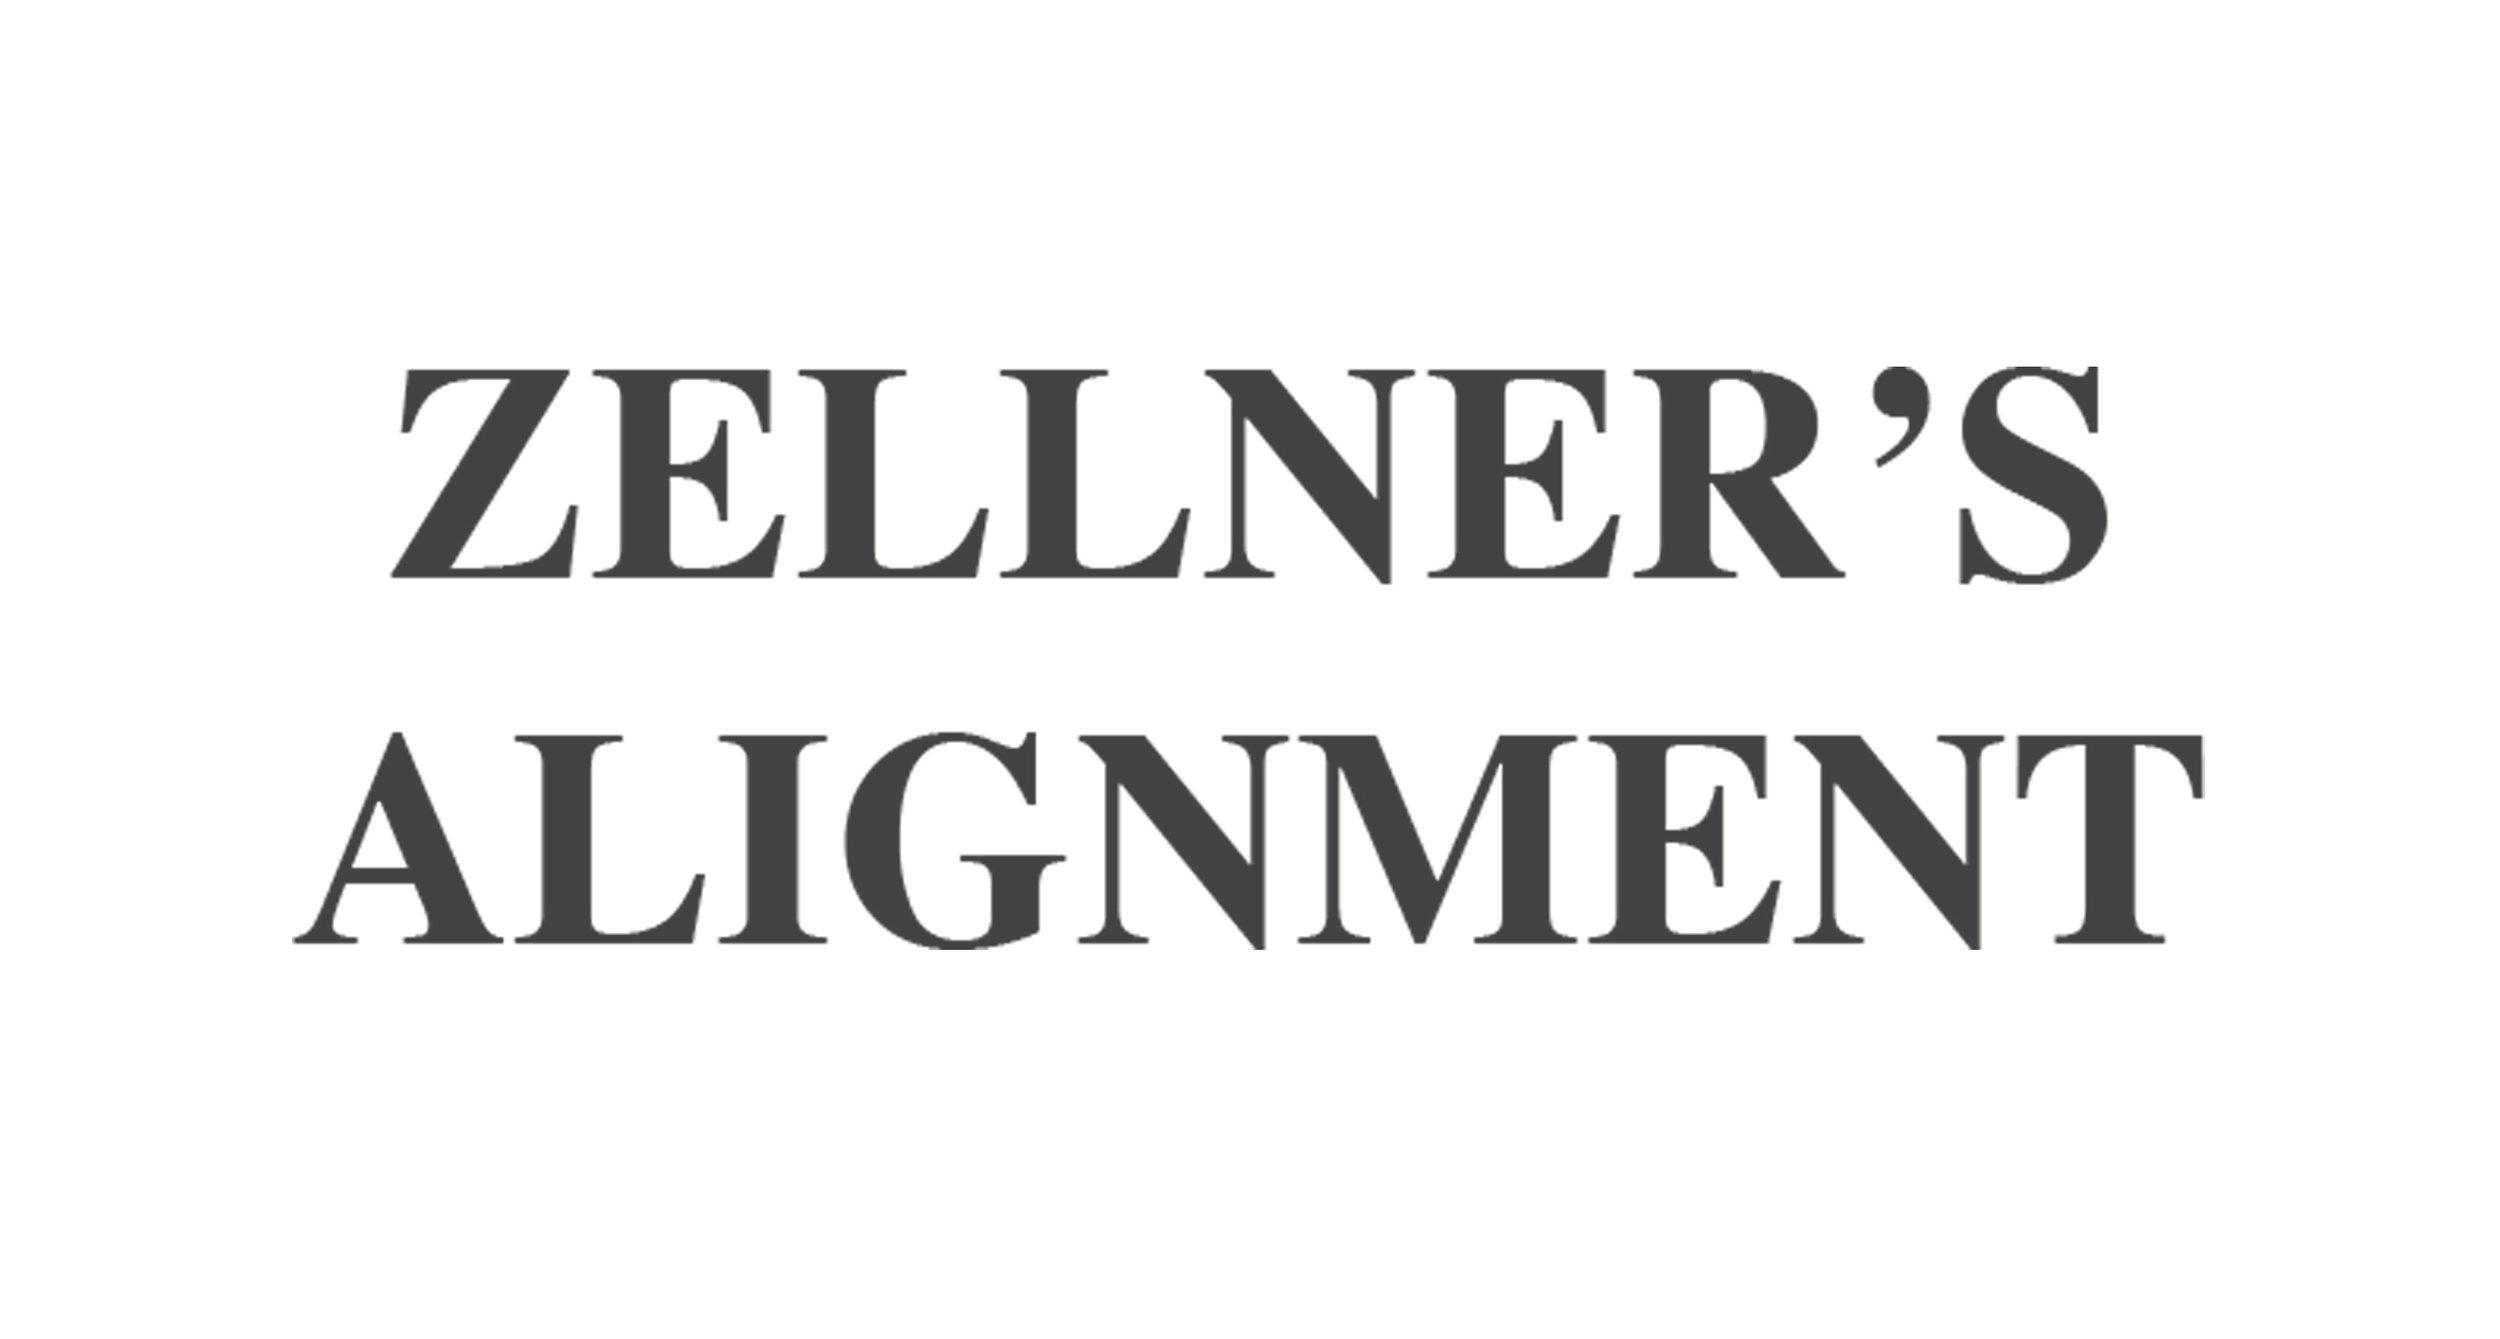 zelleners logo.jpg